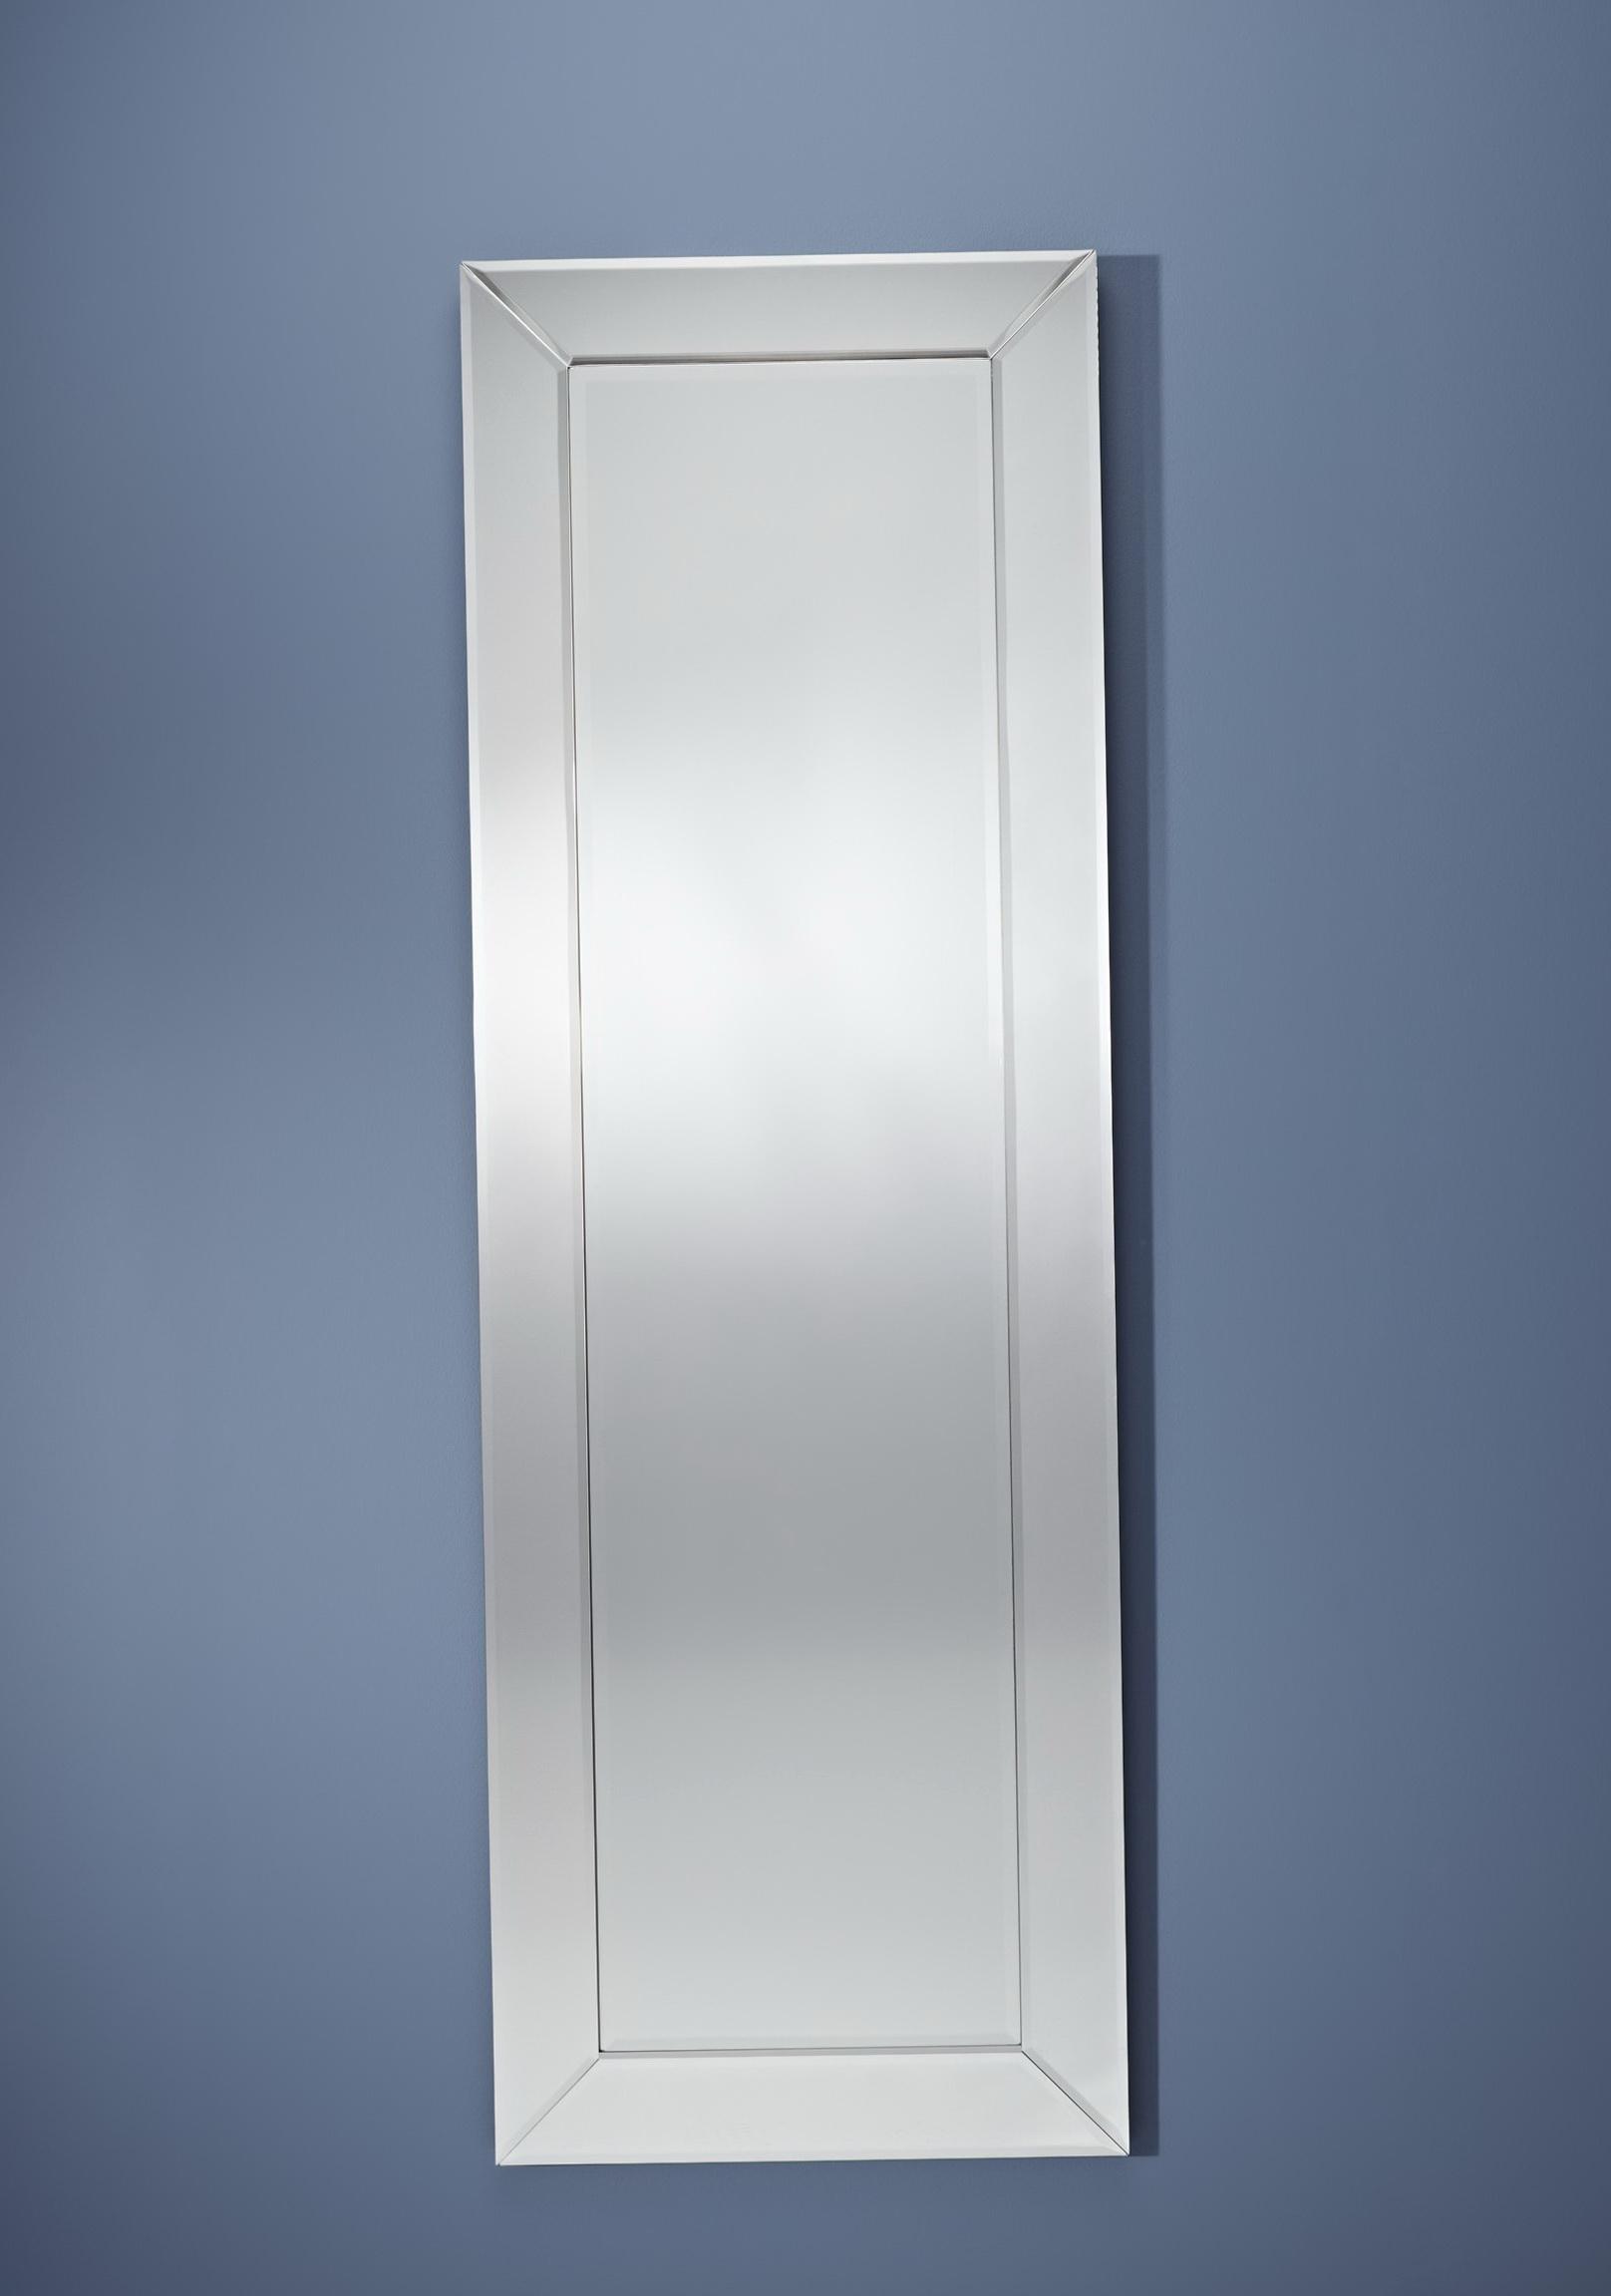 Long Wall Mirrors Uk